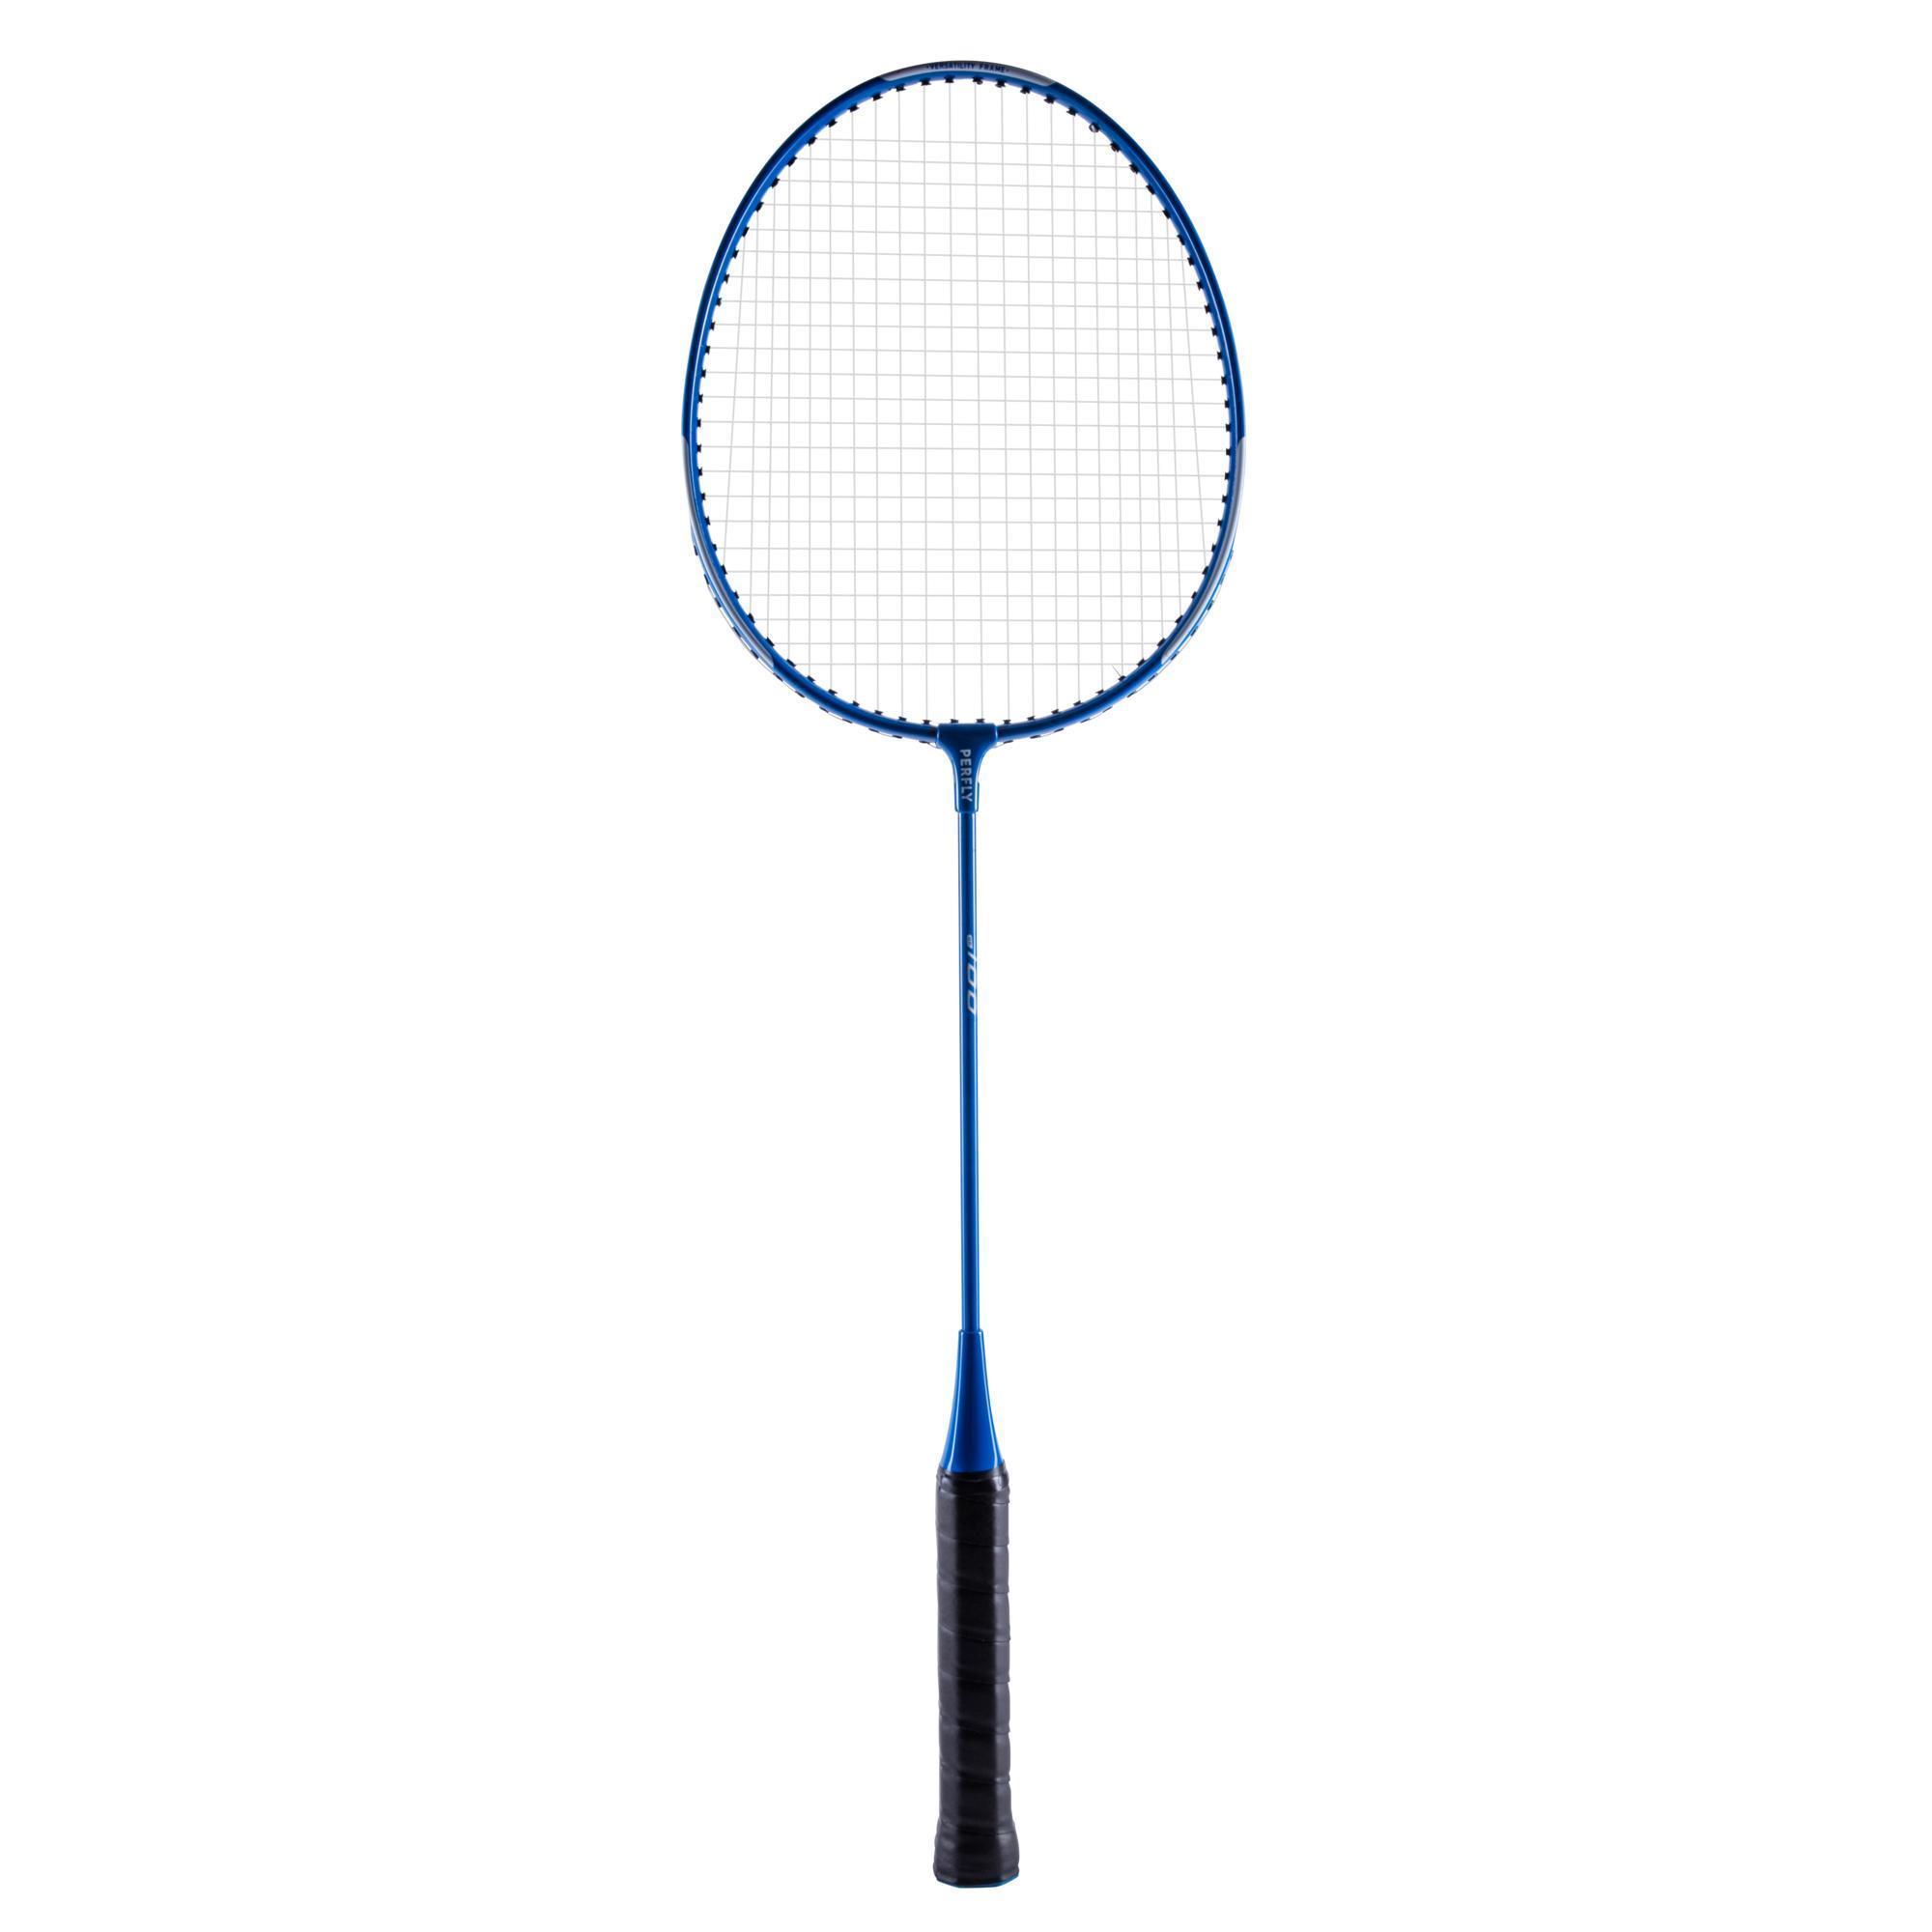 Perfly Badmintonracket BR100 voor volwassenen - blauw kopen